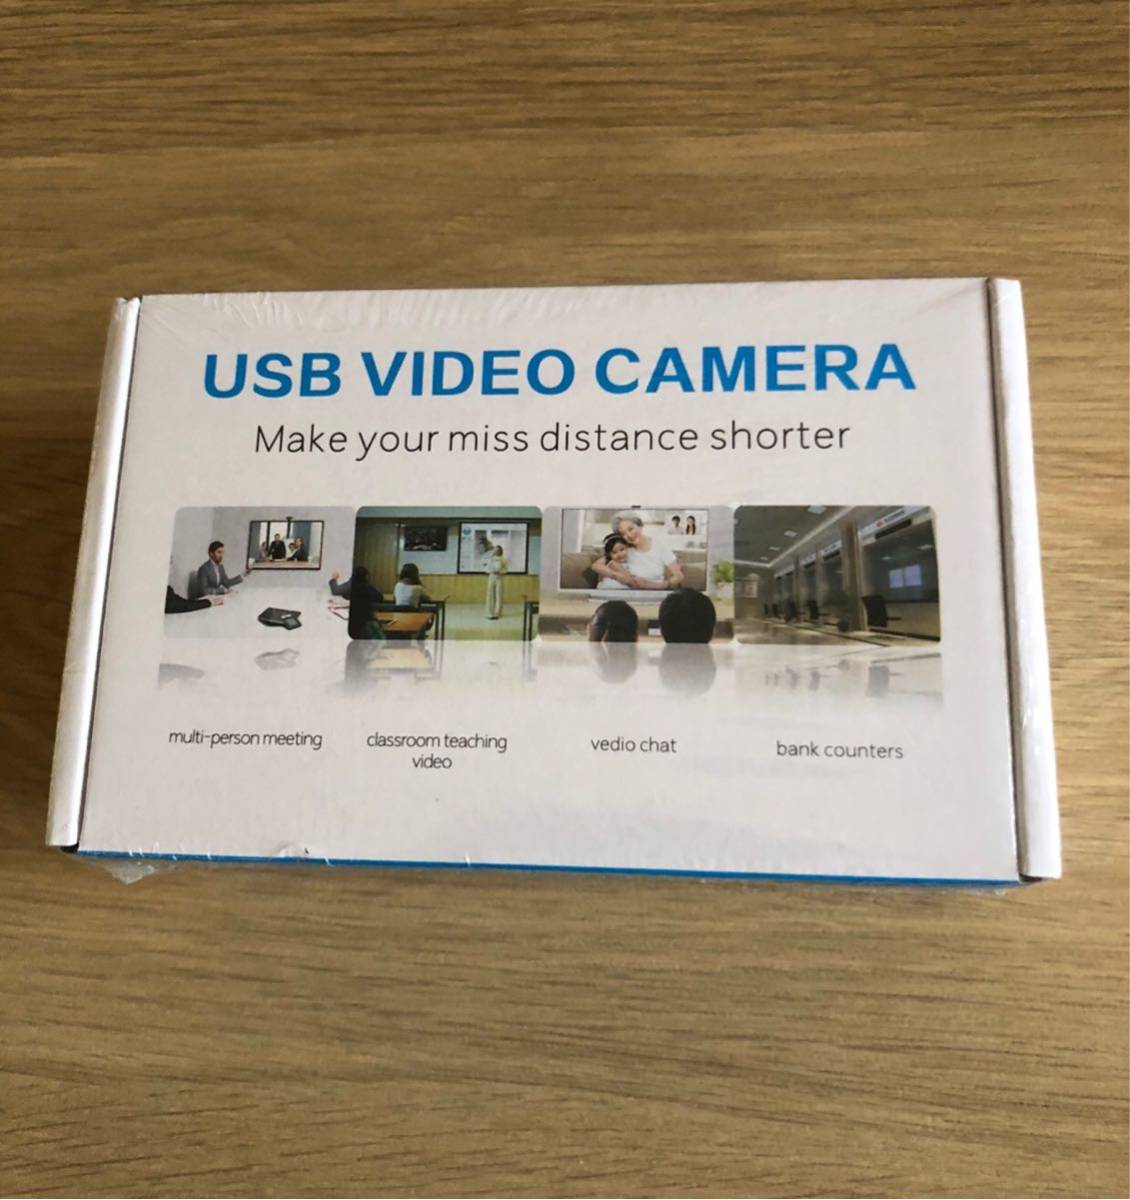 高画質 ウェブカメラ フルHD 1080P 30FPS 120度広角 Webカメラ 挿すだけ使える 自動光補正 内臓マイク USBカメラ ノイズ対策 在宅勤務